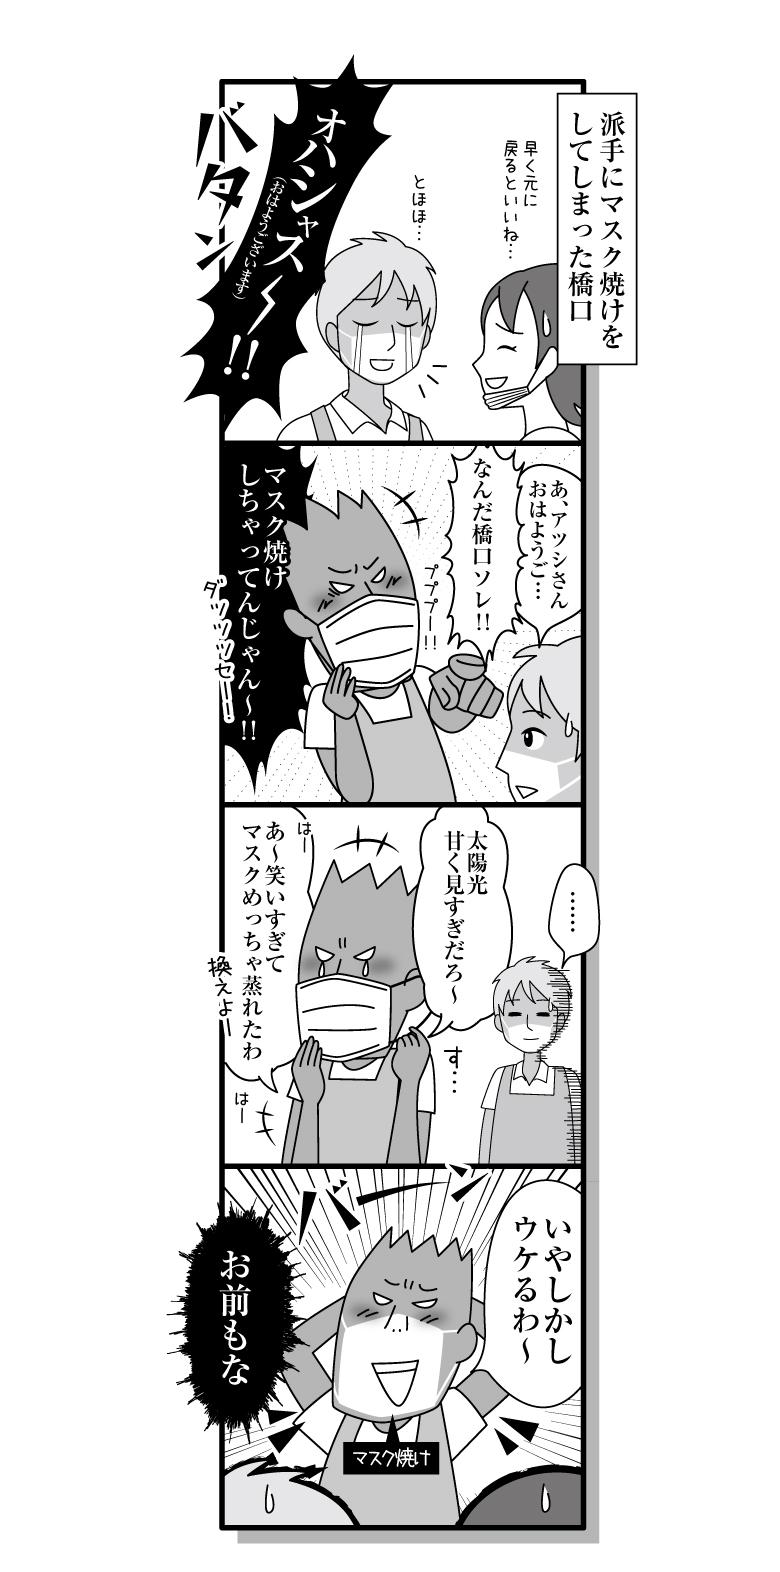 200822_manga